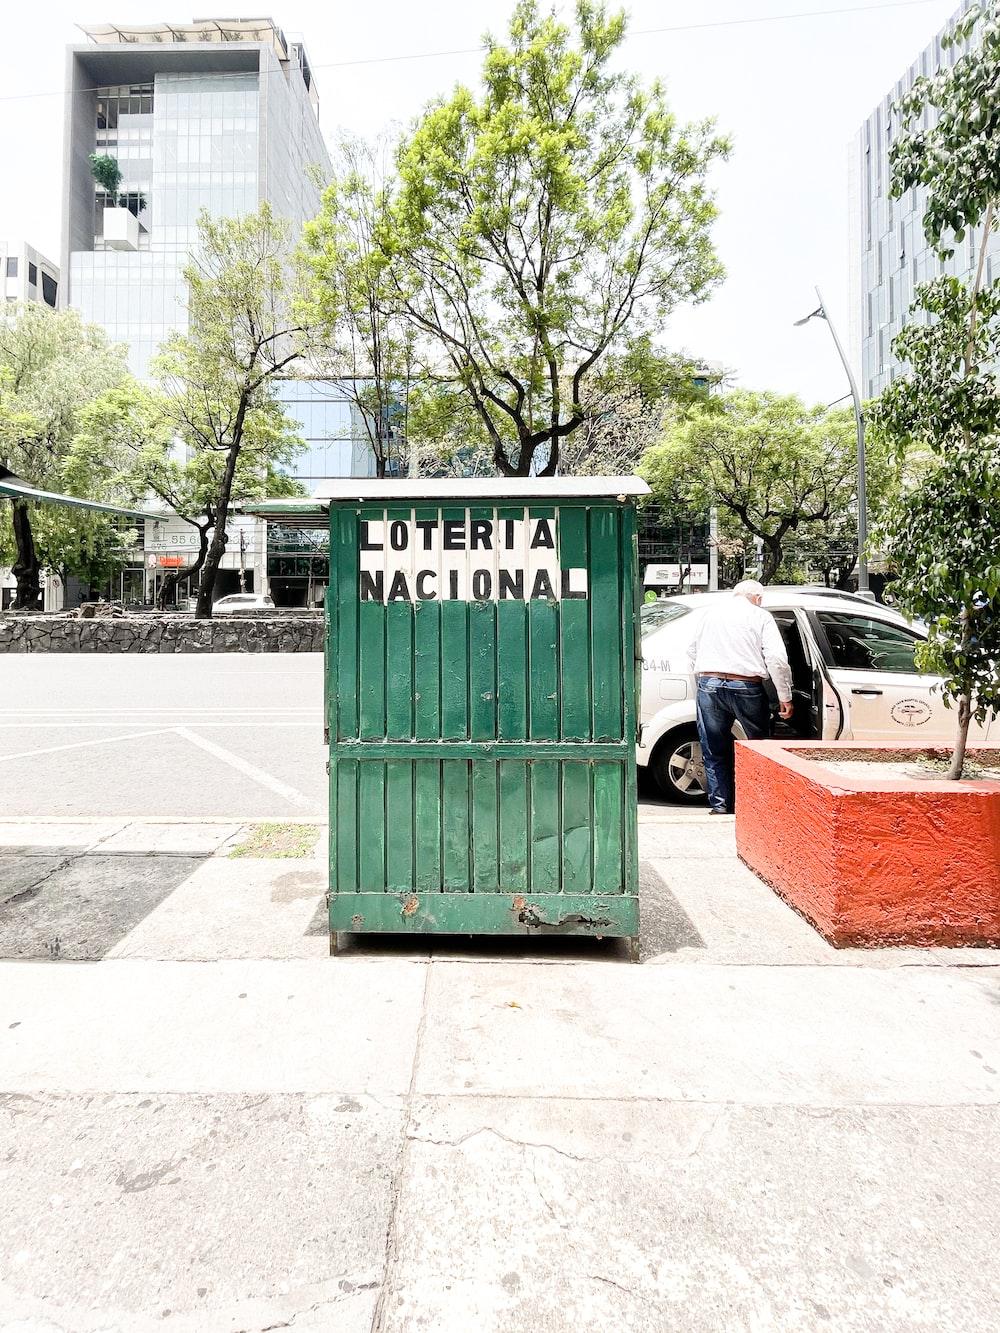 green trash bin near white car during daytime